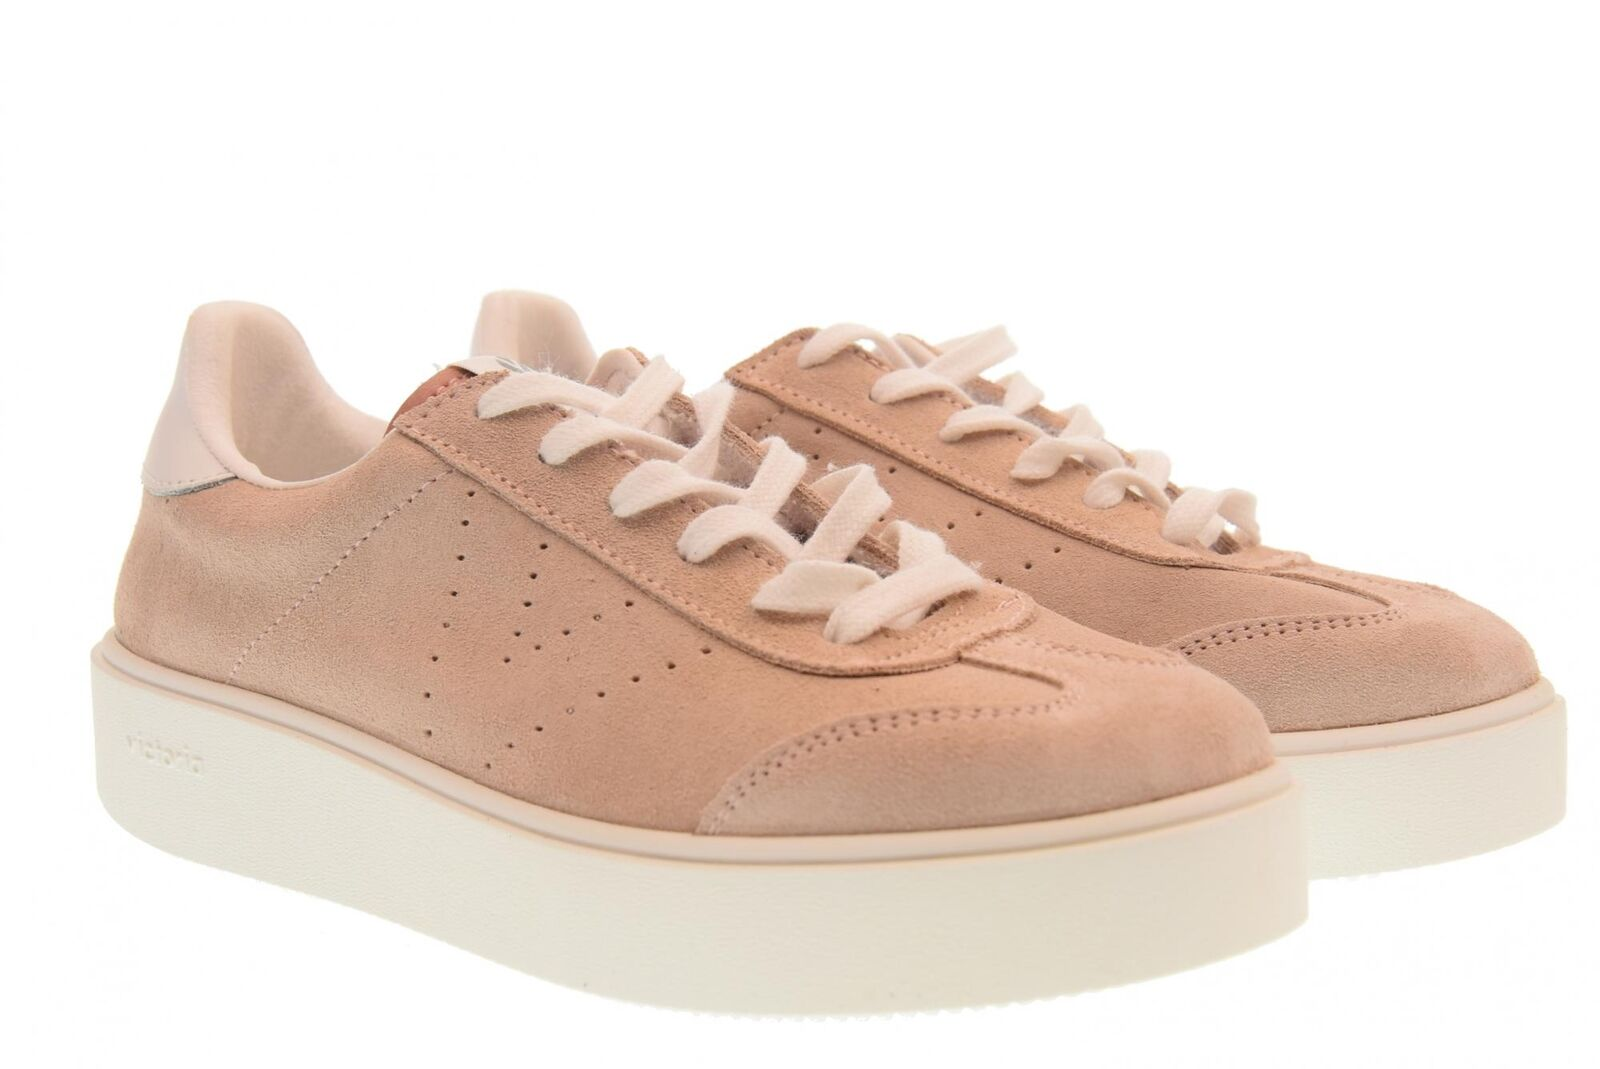 Victoria zapatos tenis de mujer A18us baja con plataforma plataforma plataforma 260122 rosado  Tu satisfacción es nuestro objetivo